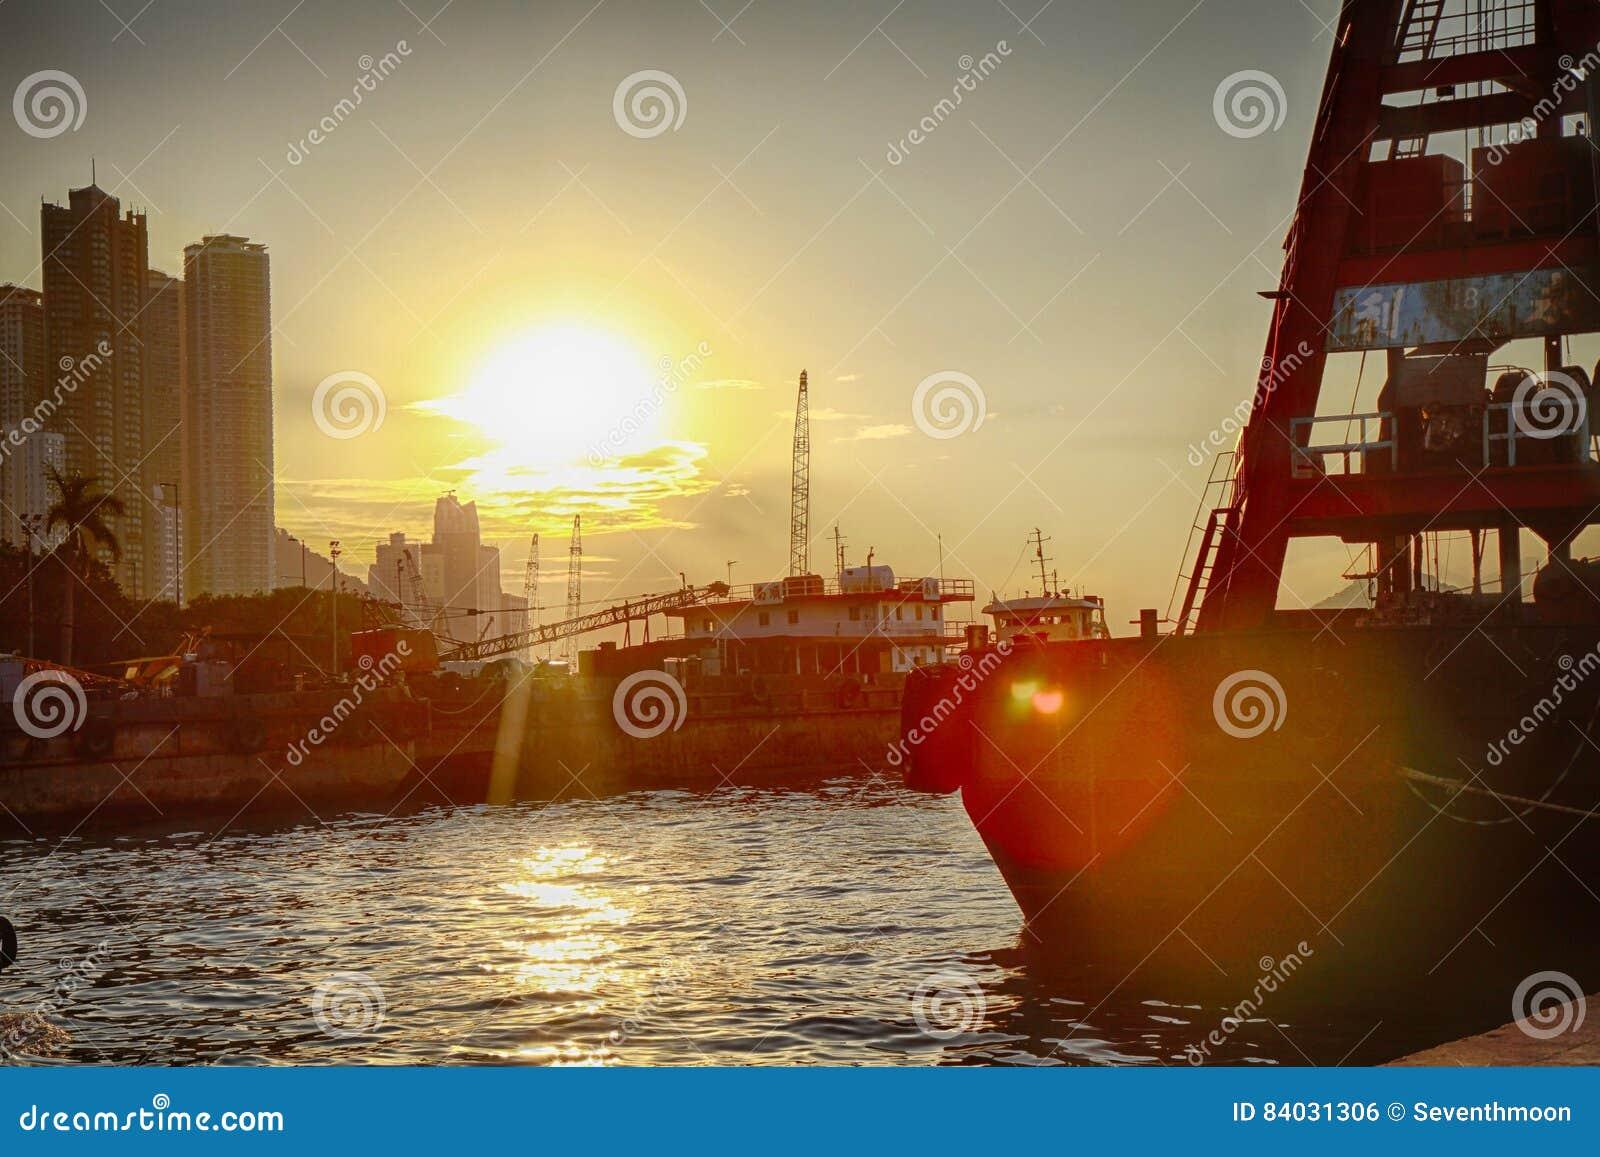 Sonnenuntergang mit Meer und Schiff